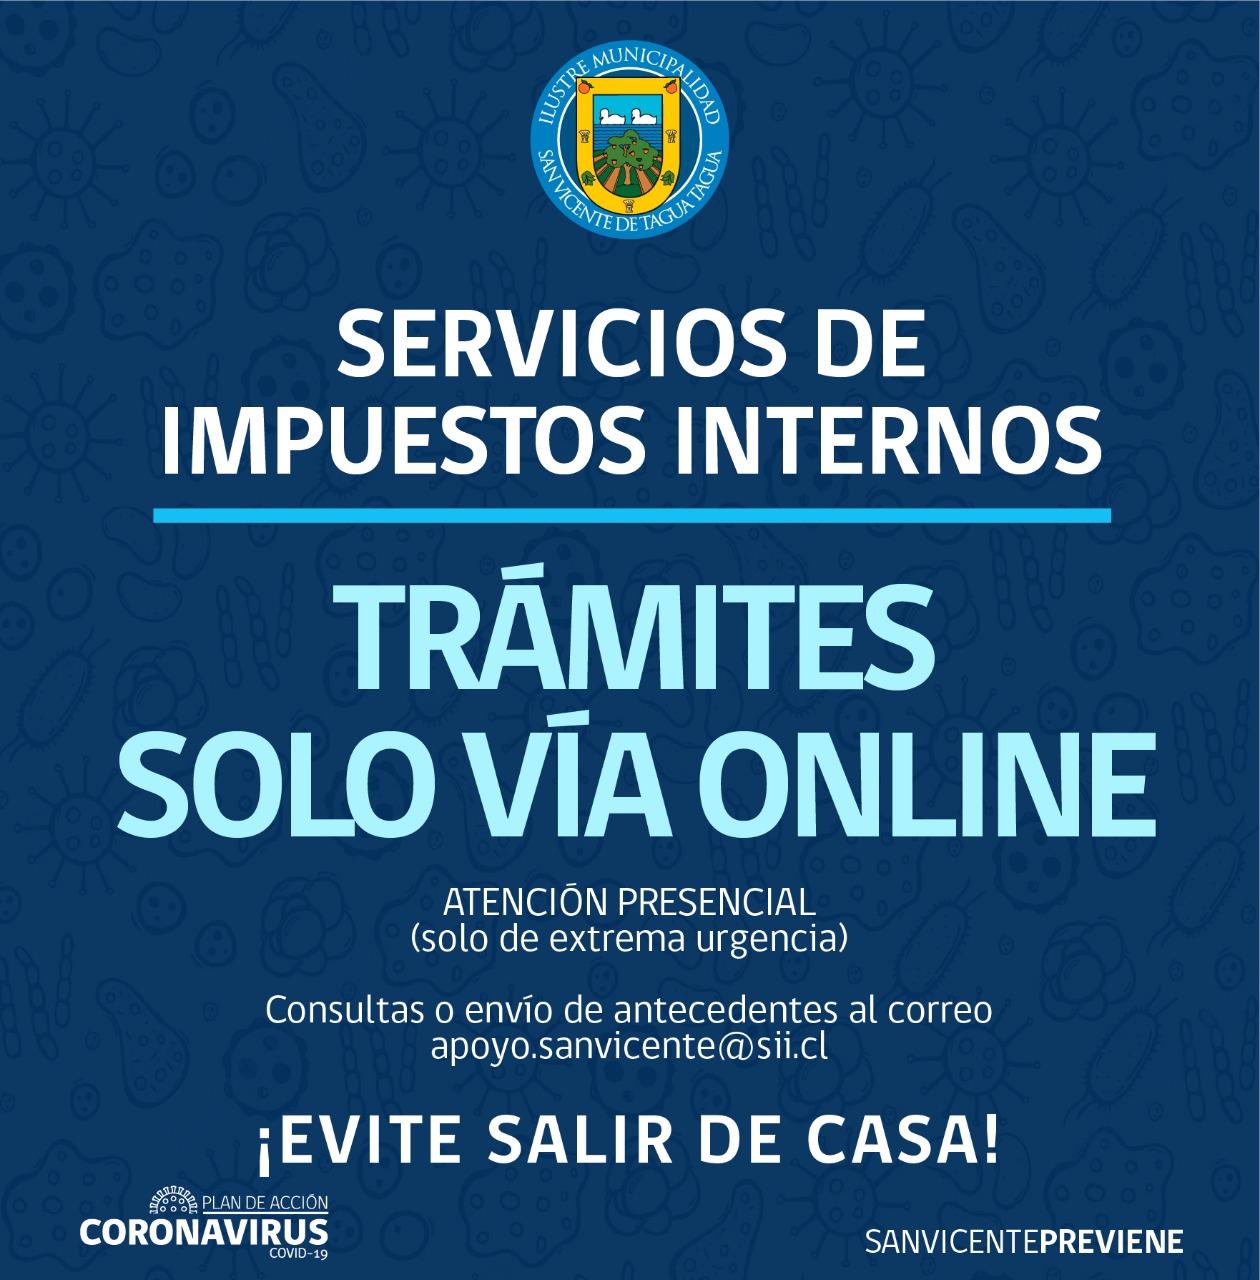 SERVICIOS DE IMPUESTOS INTERNOS: TRÁMITES SOLO VÍA ONLINE